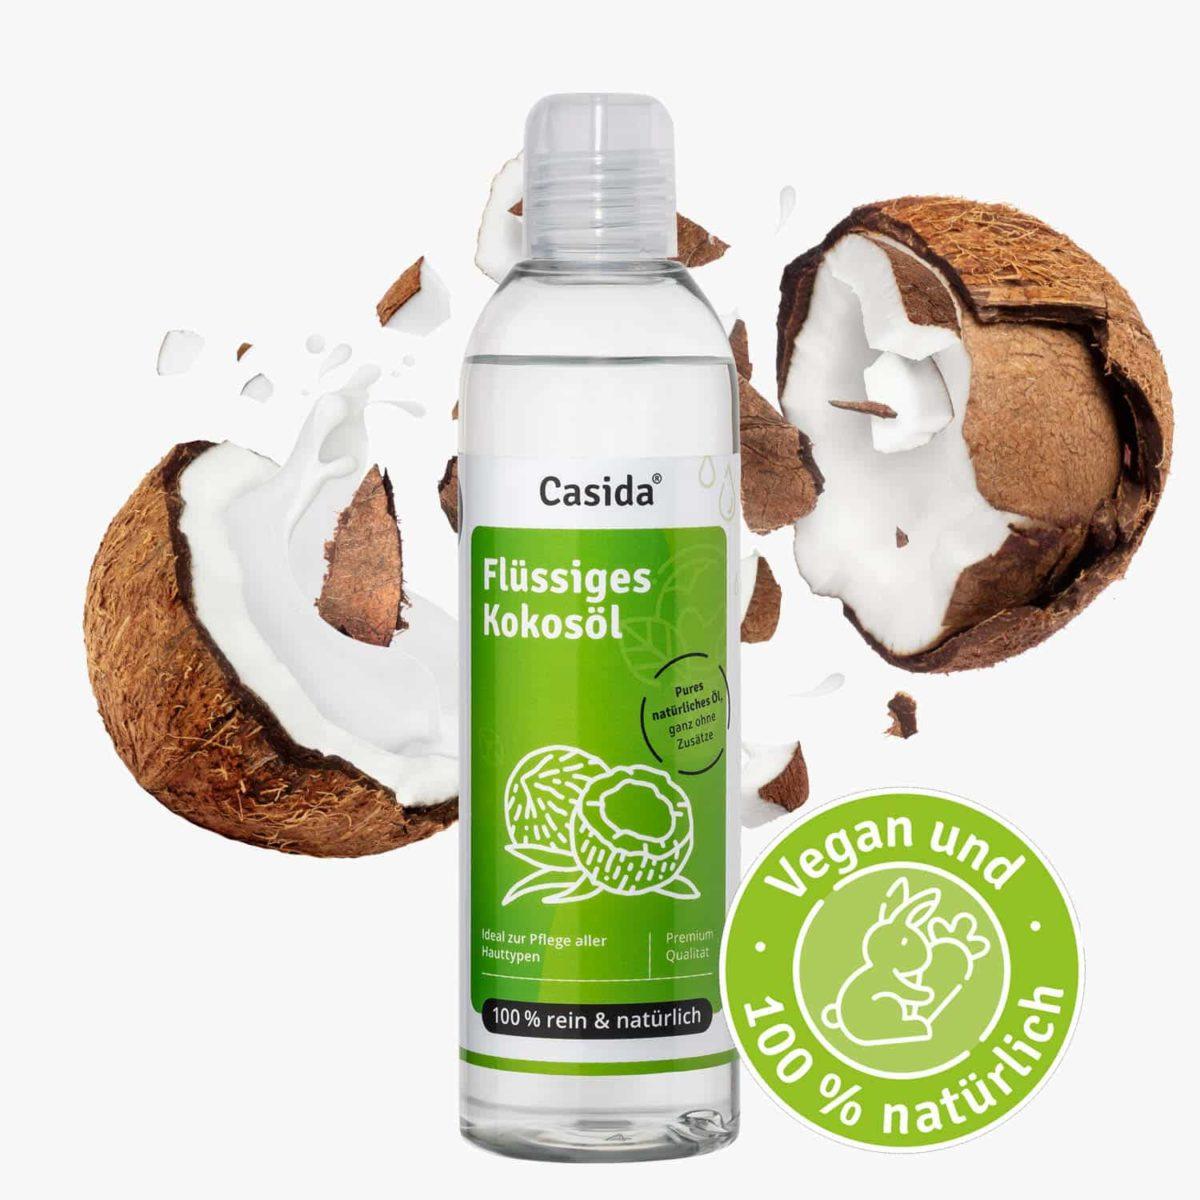 Casida Kokosöl flüssig pur & natürlich – 250 ml 12870338 PZN Apotheke Trägeröl Ätherische Öle mischen fraktioniert3